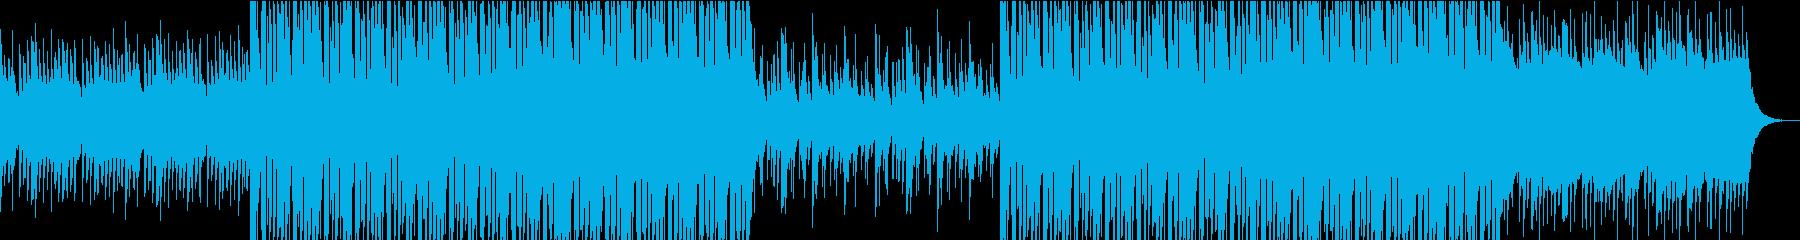 切ない和風のヒップホップ/琴/尺八の再生済みの波形